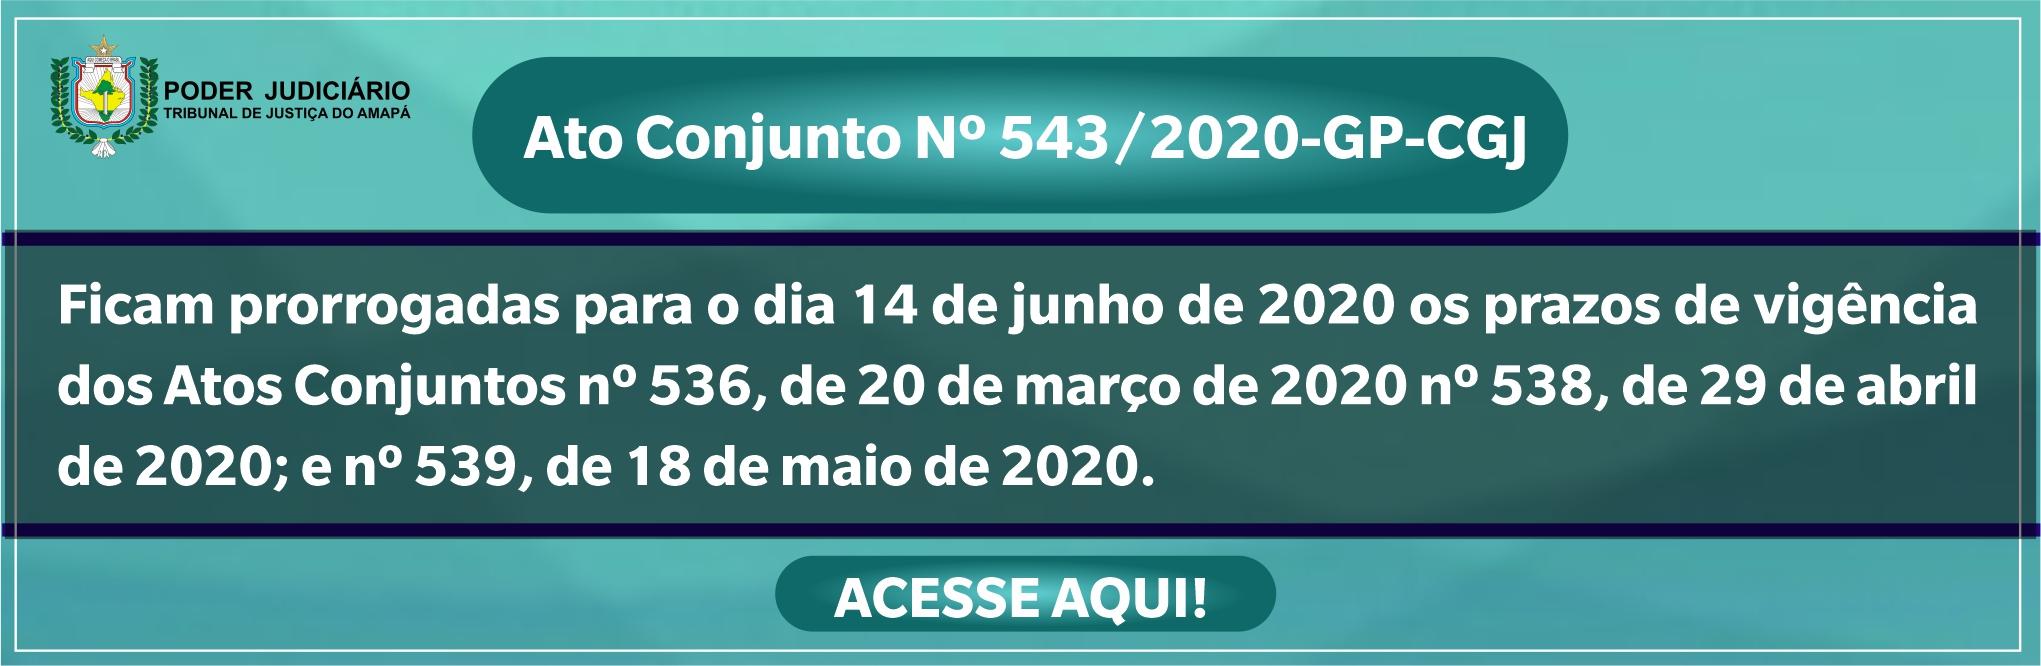 Boletim ao vivo   Operador de máquina receberá pensão mensal de 100% da remuneração por incapacidade